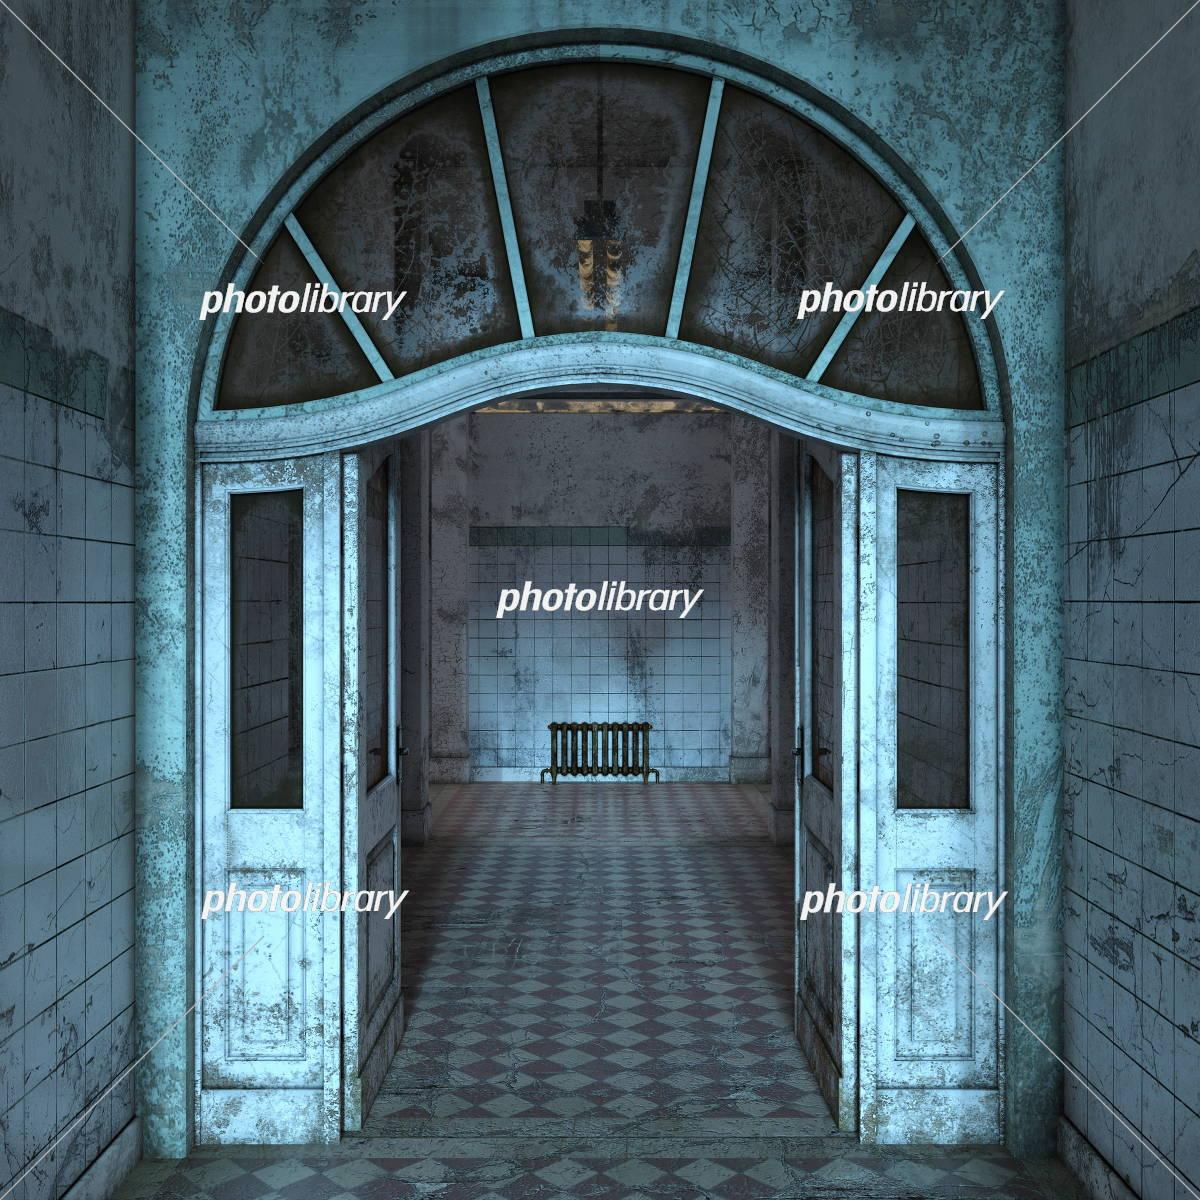 廃墟のイラストcg イラスト素材 [ 5409458 ] - フォトライブラリー